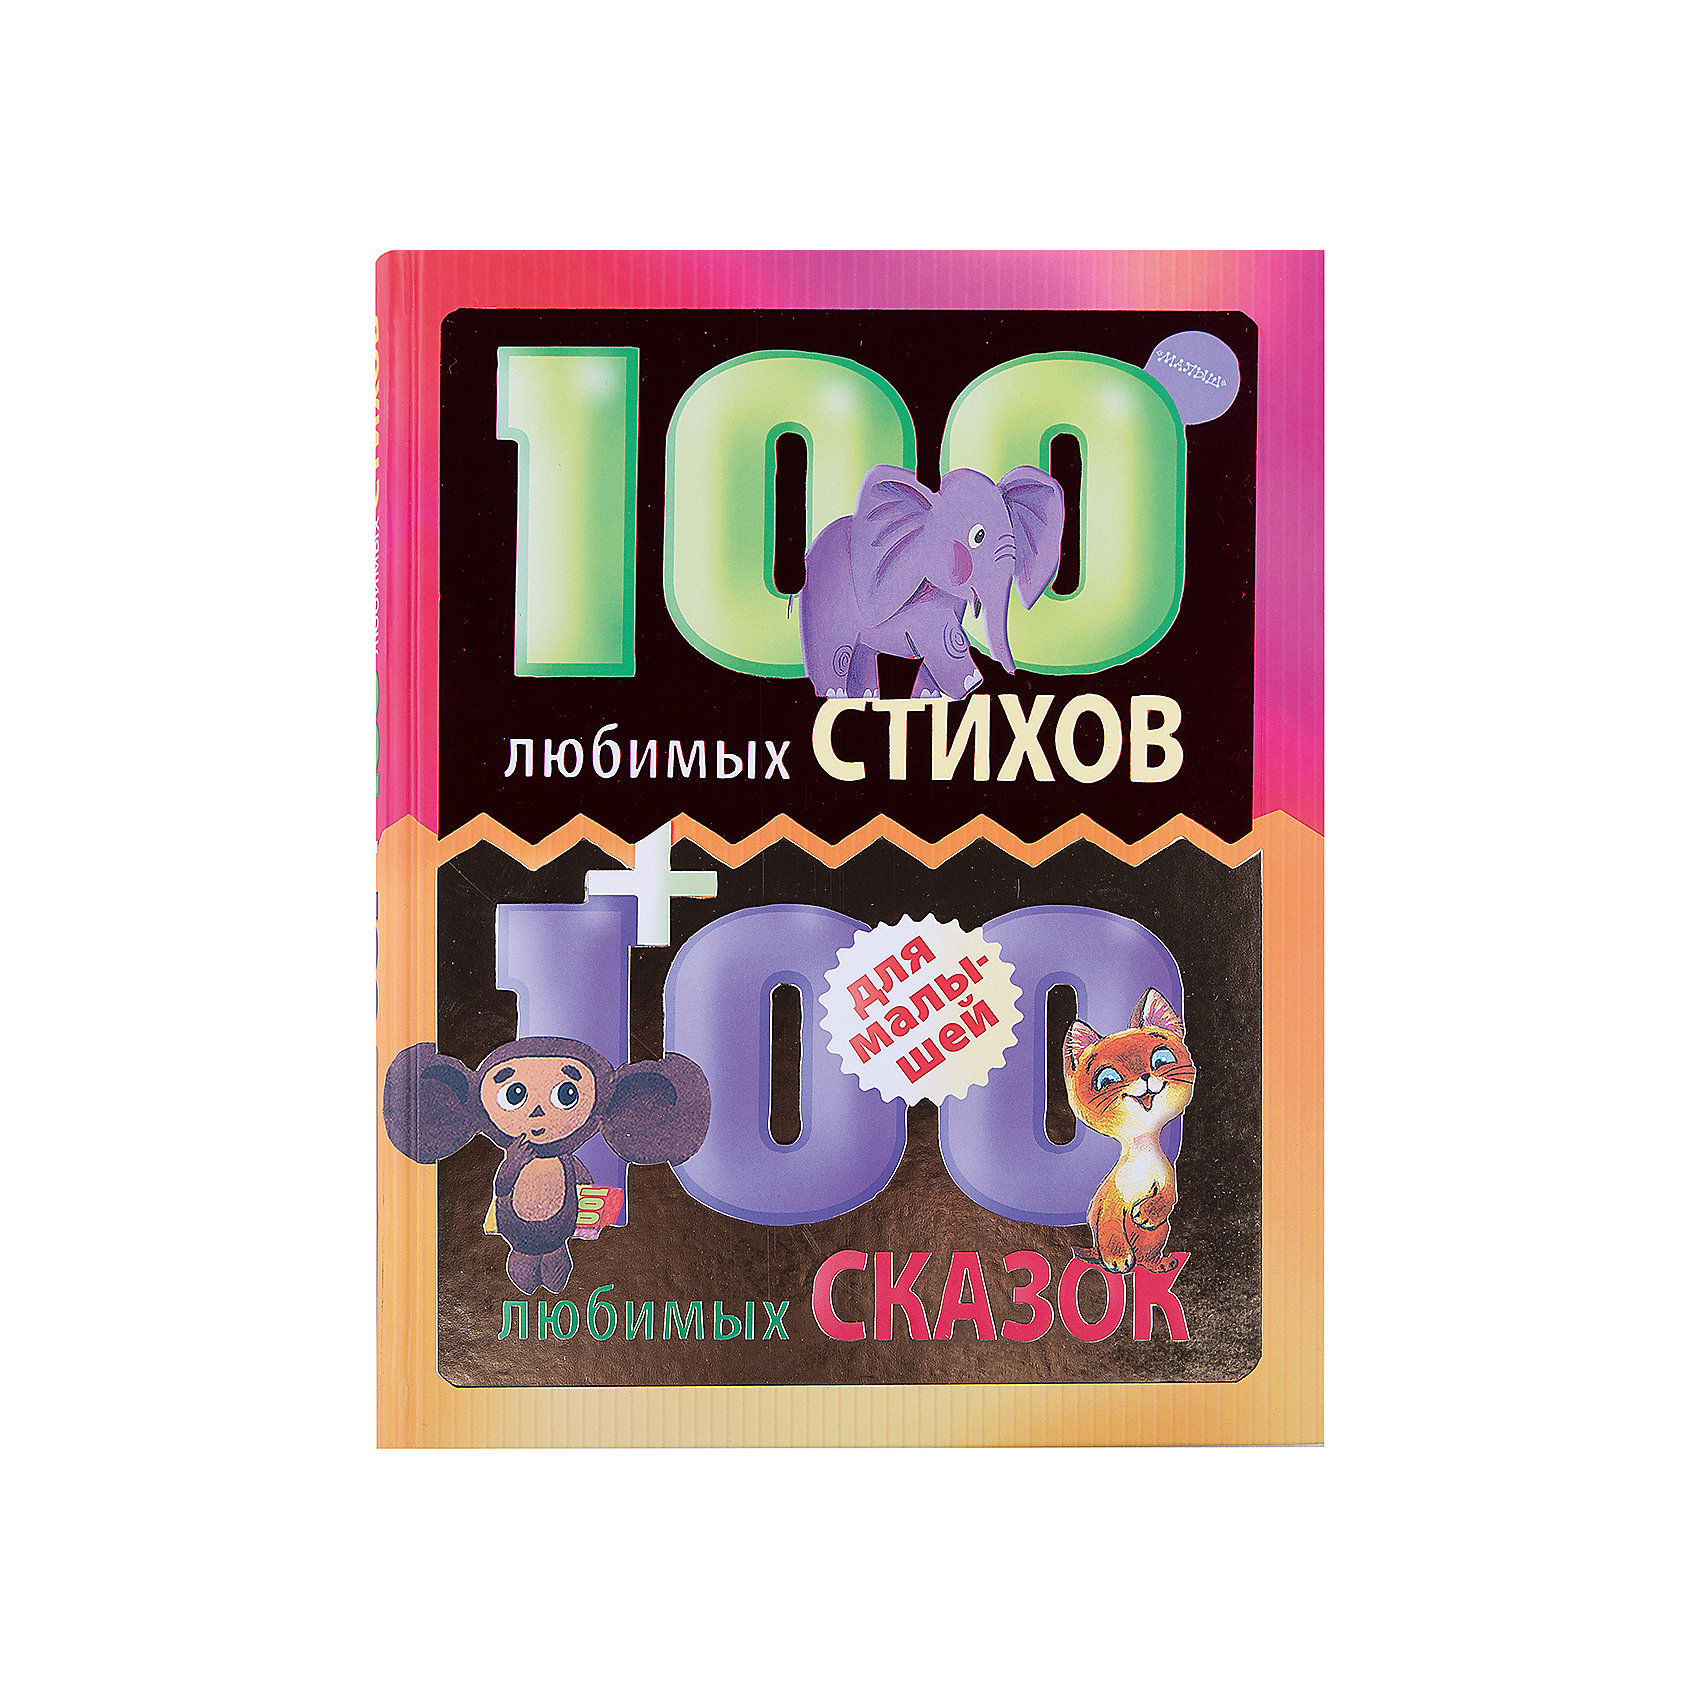 100 любимых стихов и 100 любимых сказок для малышейСтихи<br>Ваш малыш любит играть и гулять. А ещё он любит читать стихи и слушать сказки. <br>В одной книге мы собрали самые лучшие стихи, самые лучшие сказки для малышей. Многие из них станут любимыми - стихи про любимые игрушки, про маленького озорного щенка Трезора, про хитрого Котауси и умную Мауси; сказки про весёлого Колобка и мудрую Курочку Рябу, про заколдованный пряничный домик и про ёжика, которого можно было погладить...<br><br>Ширина мм: 255<br>Глубина мм: 195<br>Высота мм: 220<br>Вес г: 92<br>Возраст от месяцев: 12<br>Возраст до месяцев: 36<br>Пол: Унисекс<br>Возраст: Детский<br>SKU: 6848342